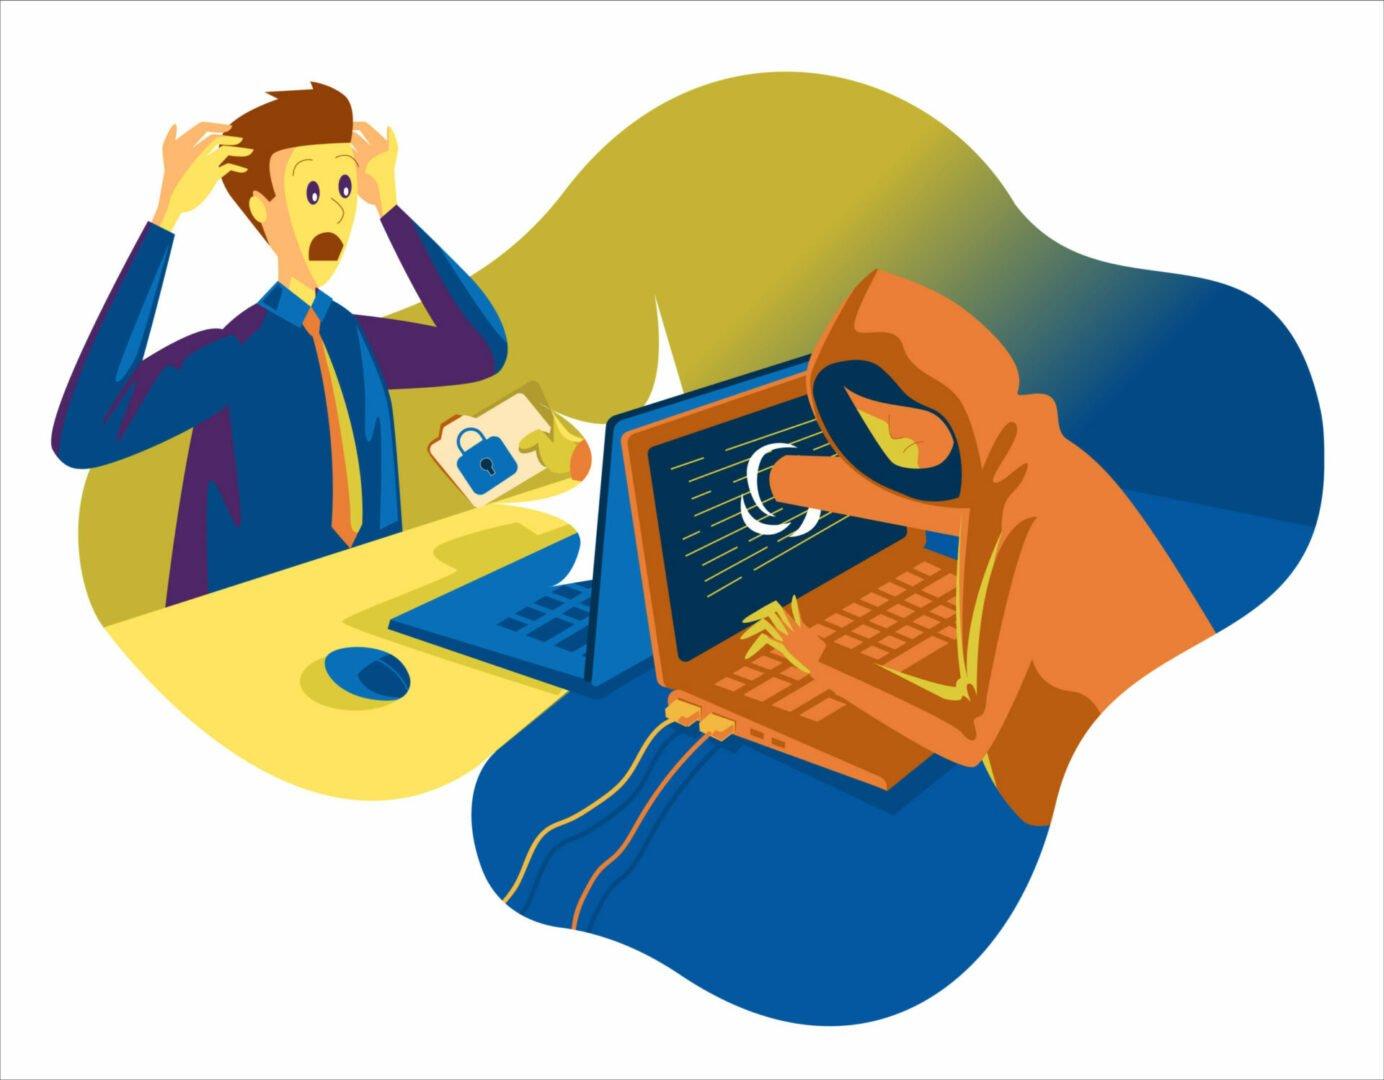 Mangelnde IT-Sicherheit verursacht Rekordschäden in Milliardenhöhe!